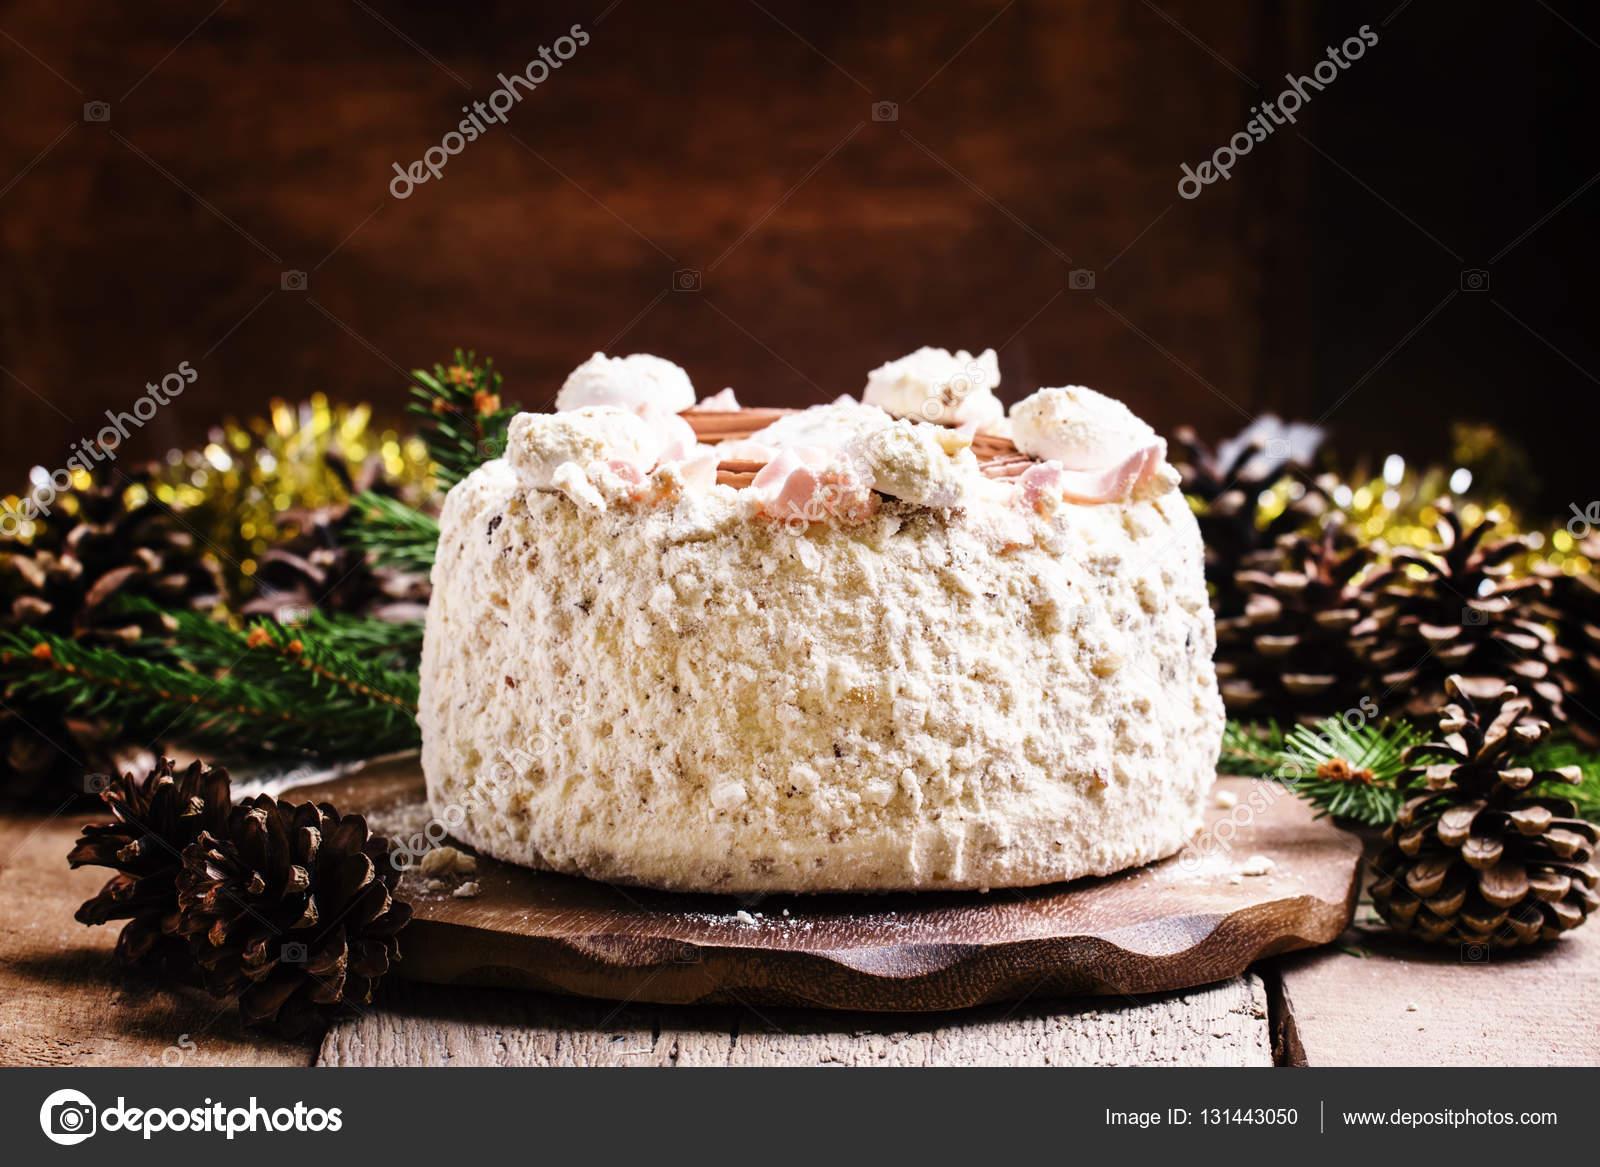 Das Geschlagene Eiweiss Kuchen Stockfoto C 5ph 131443050